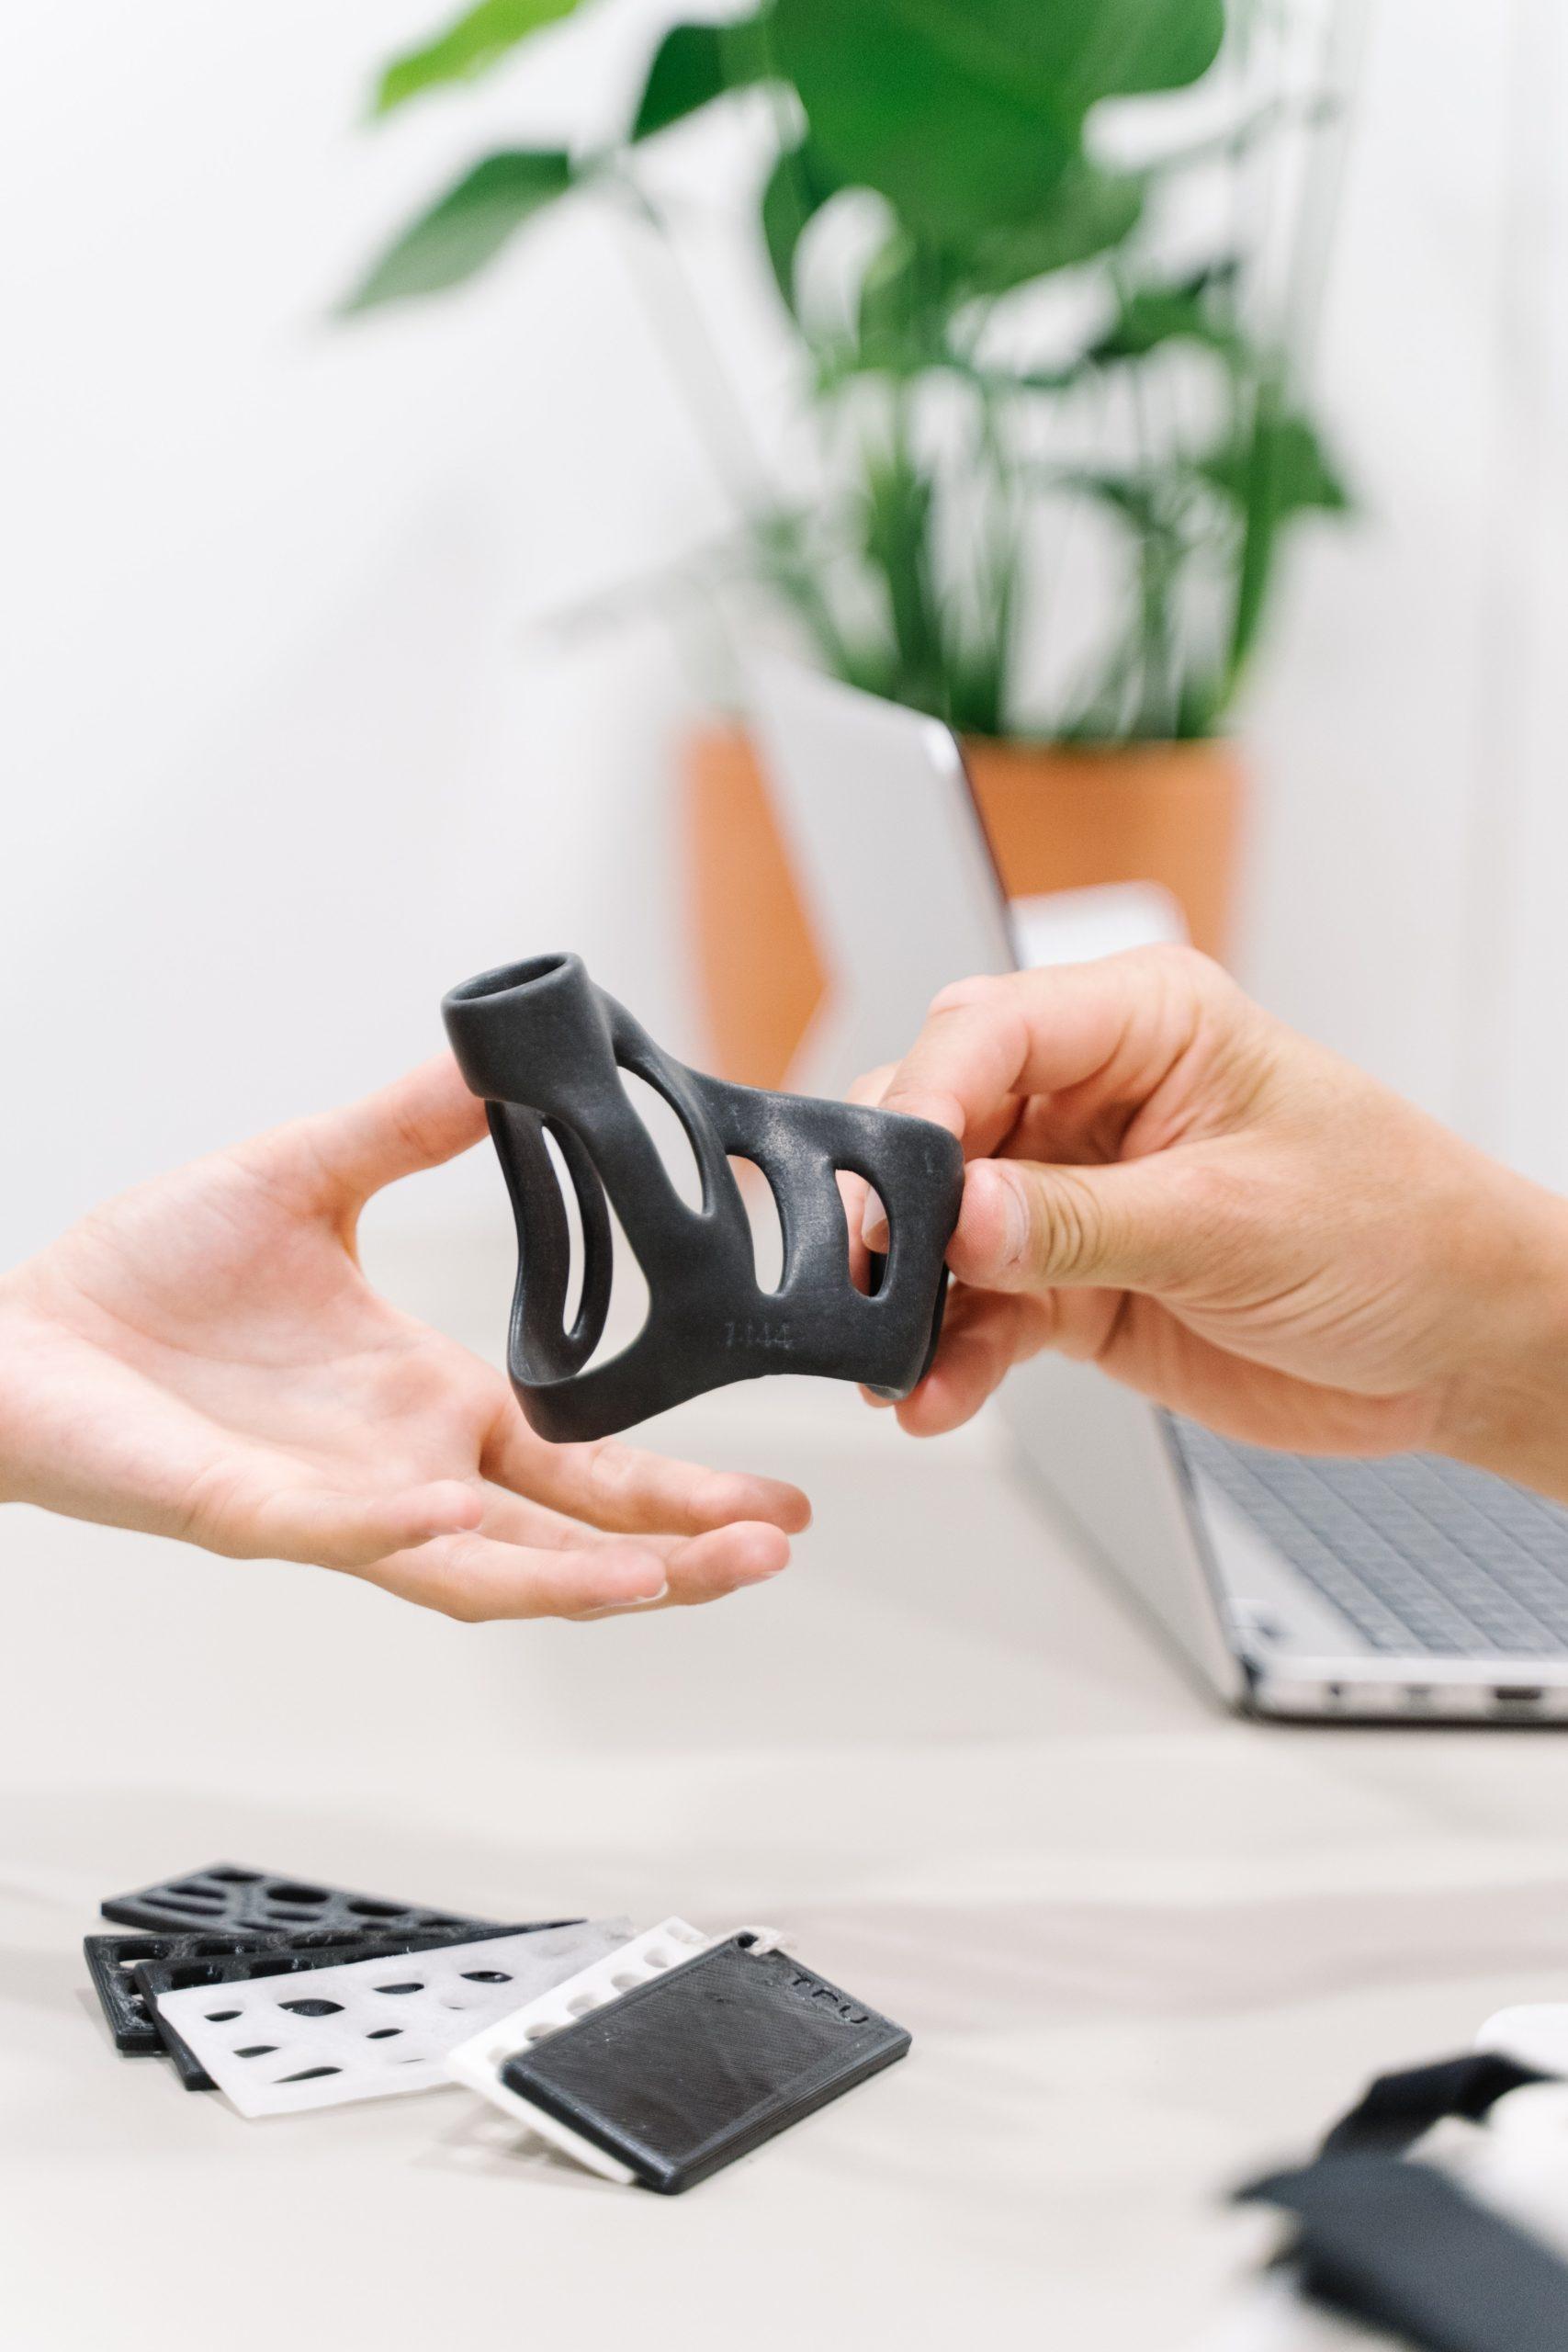 Impresión 3D: ¿medicina a medida?